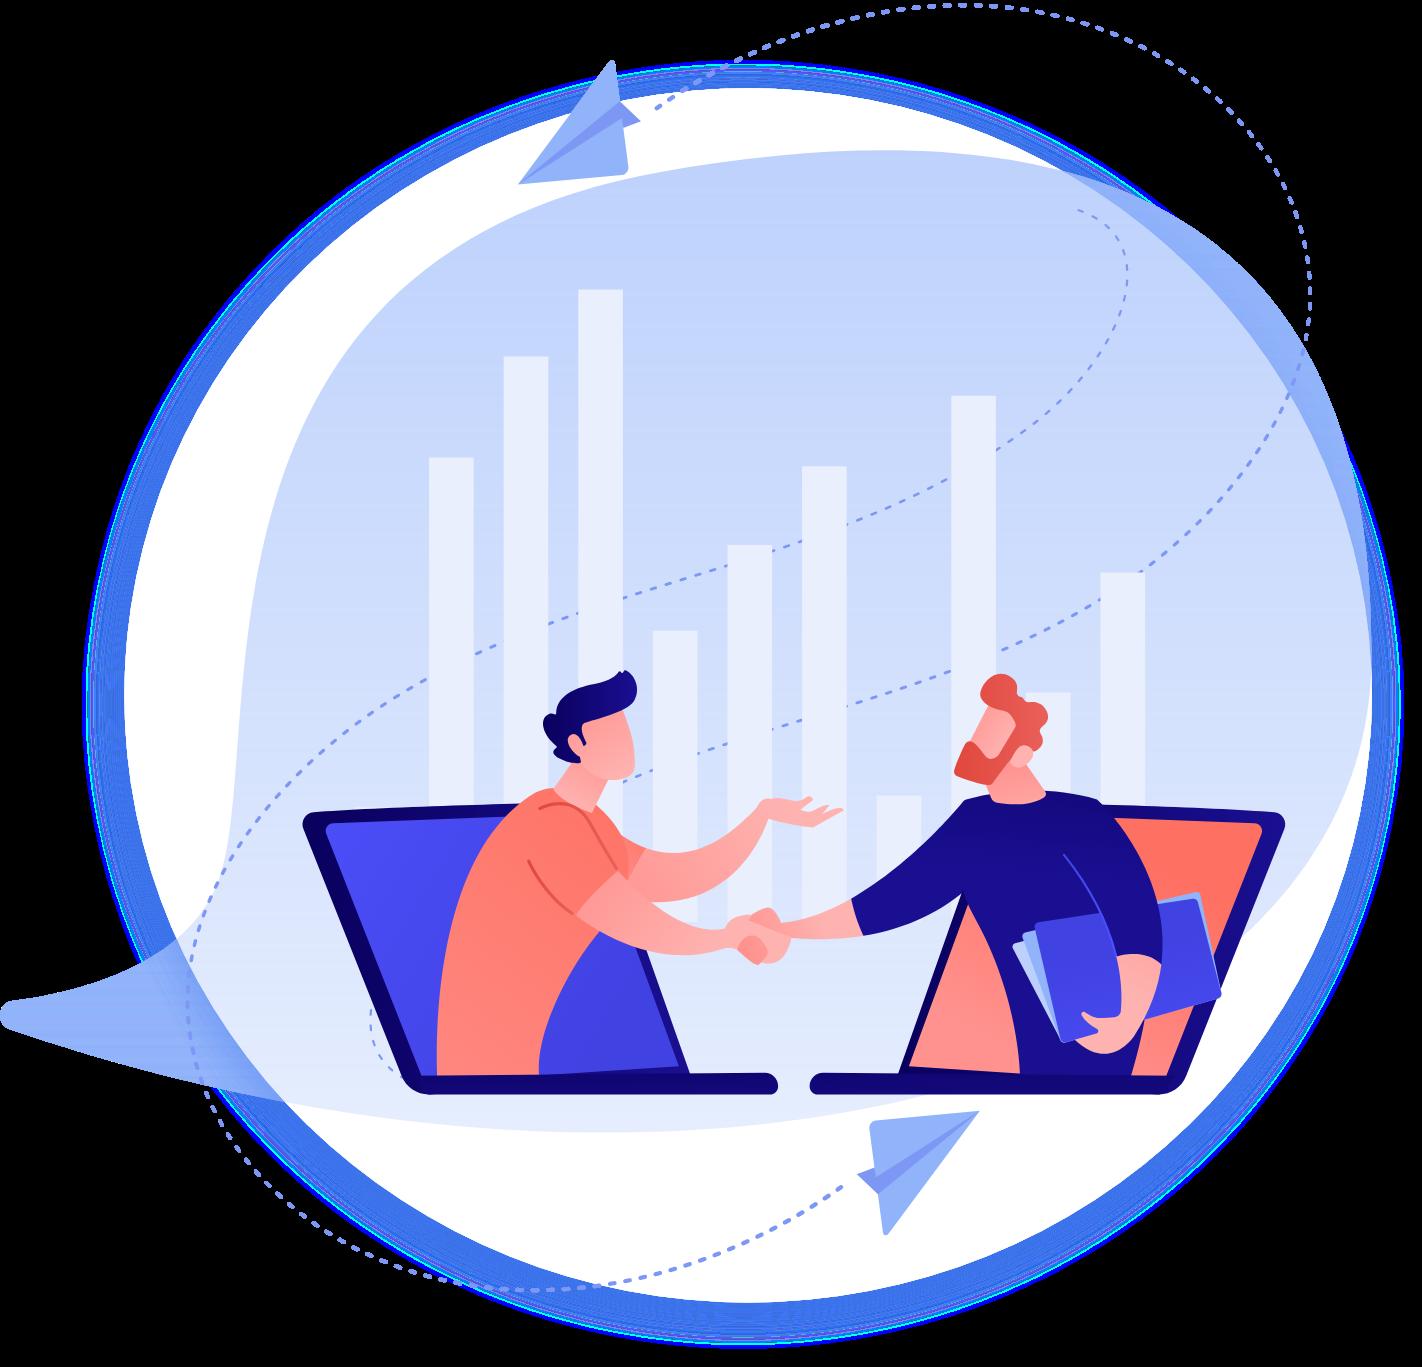 consultancy work - Consultancy